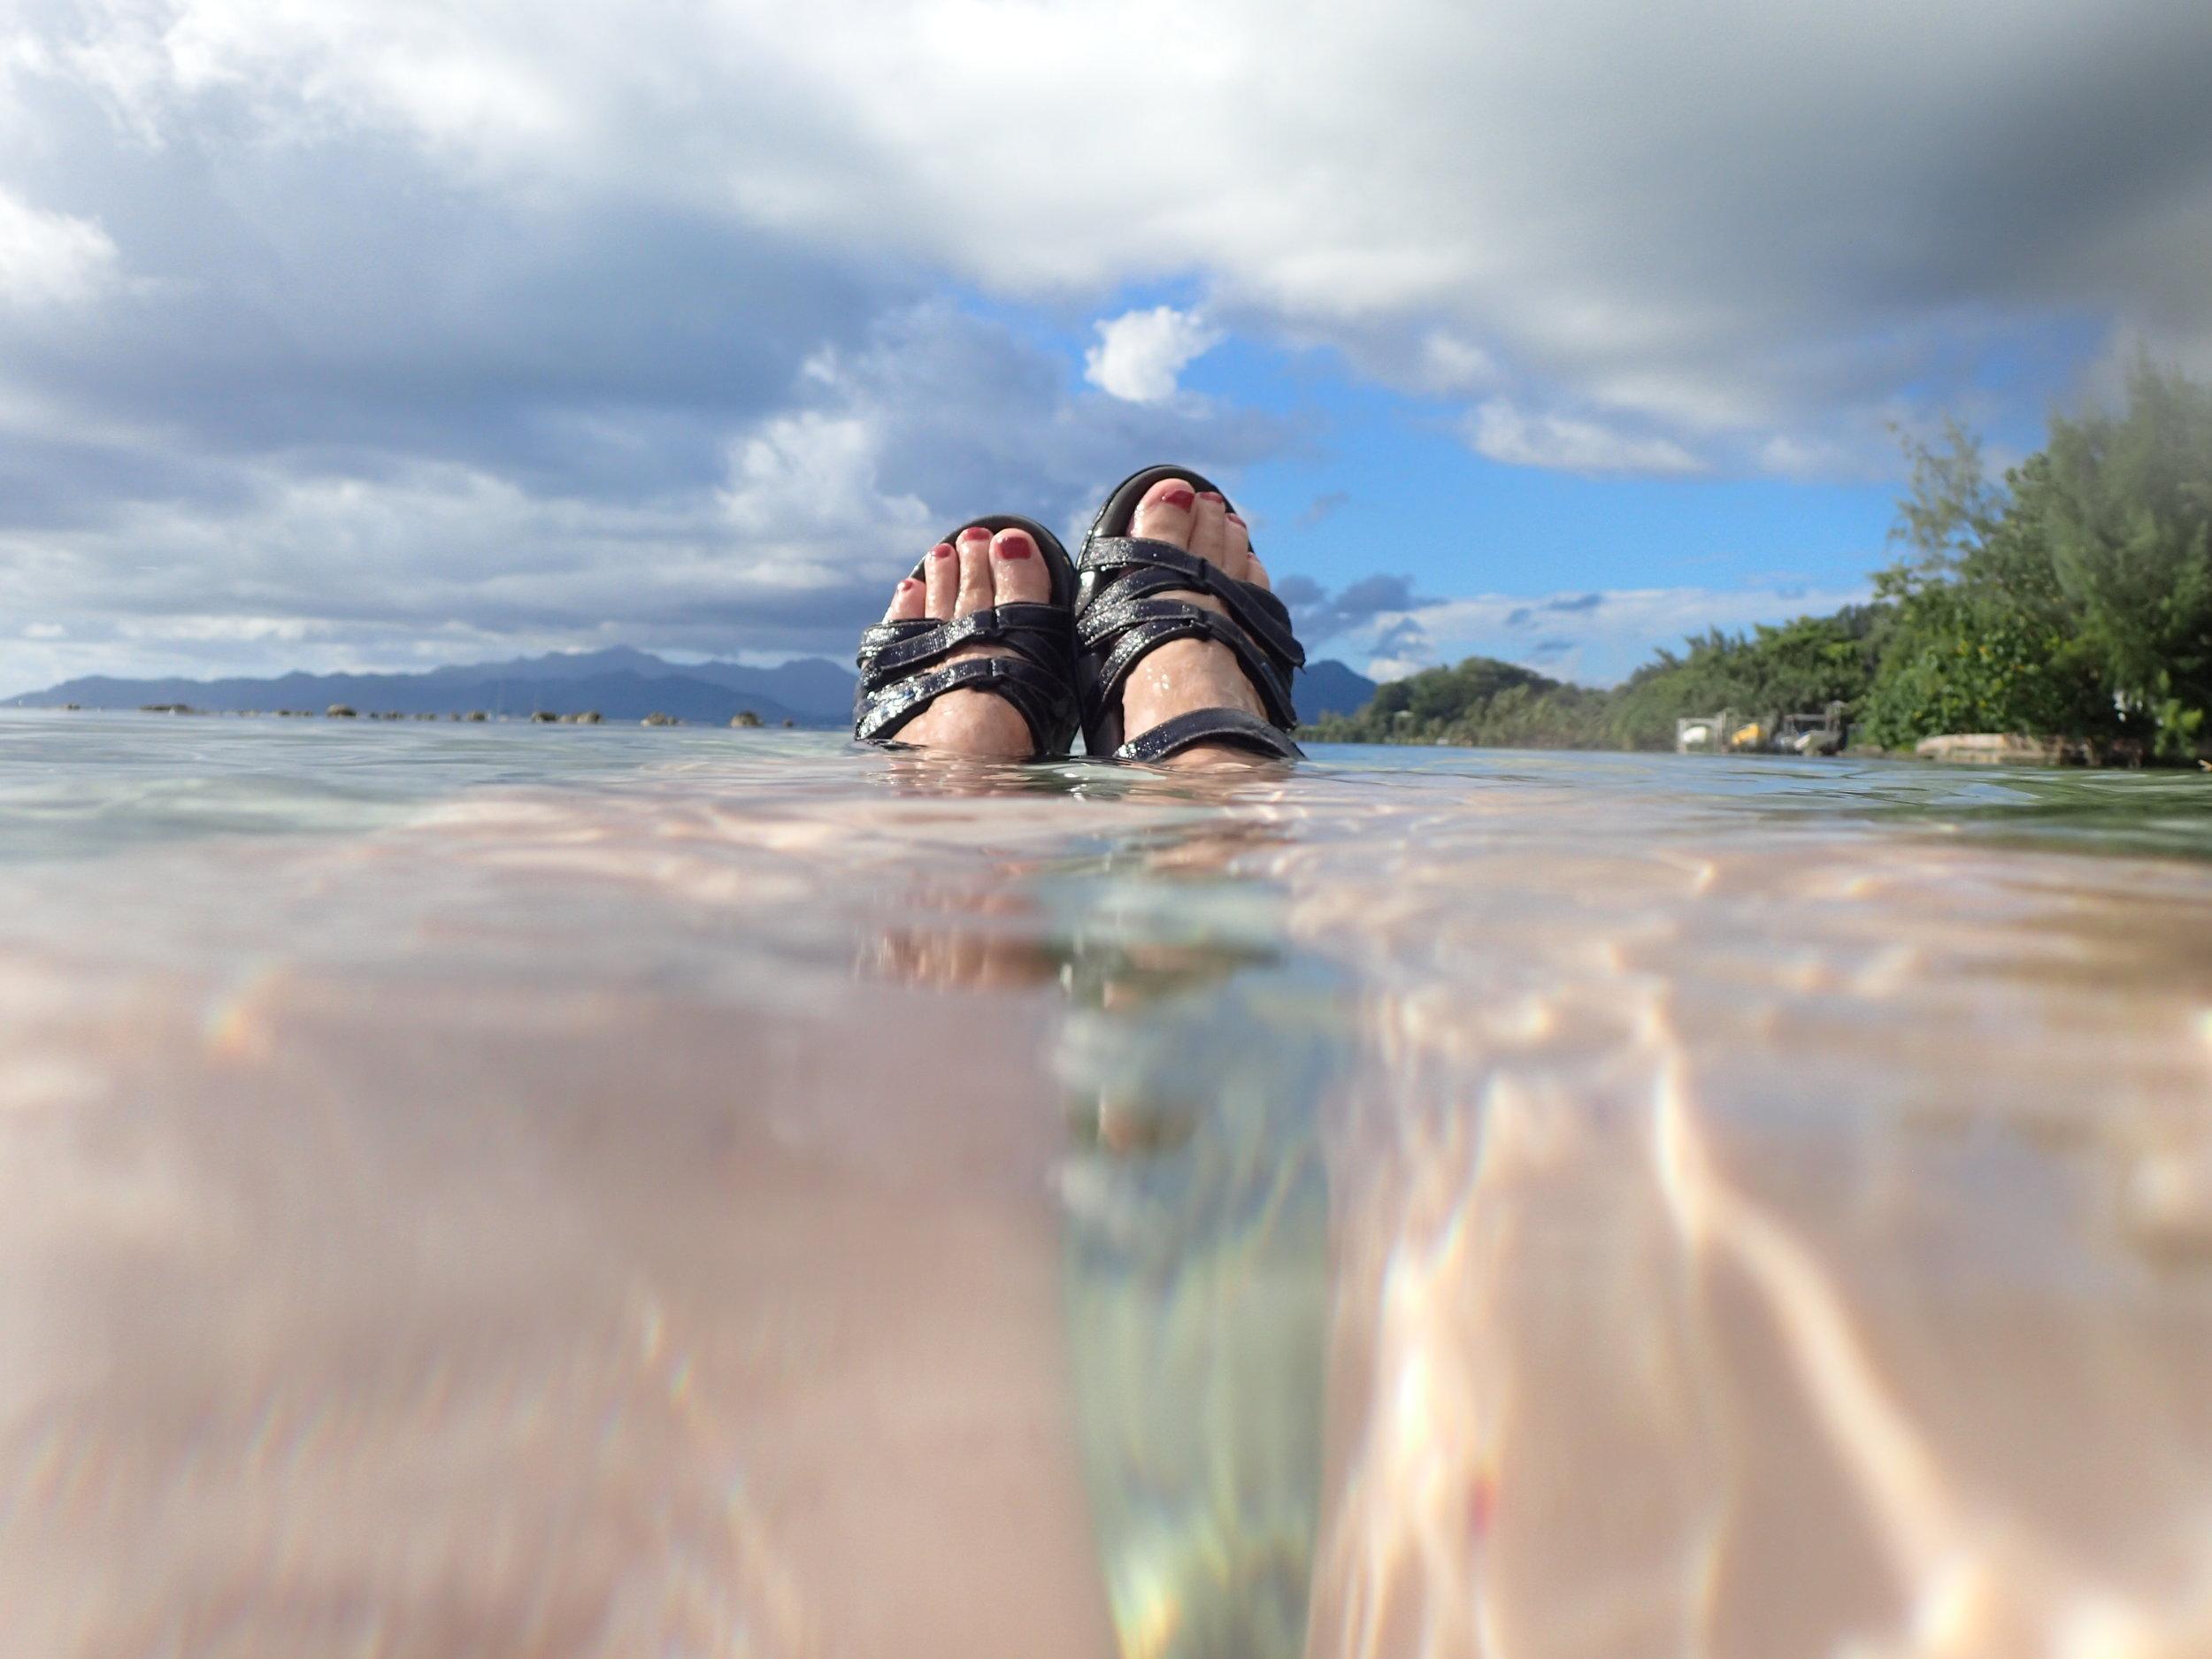 Aahhh Tahiti at last